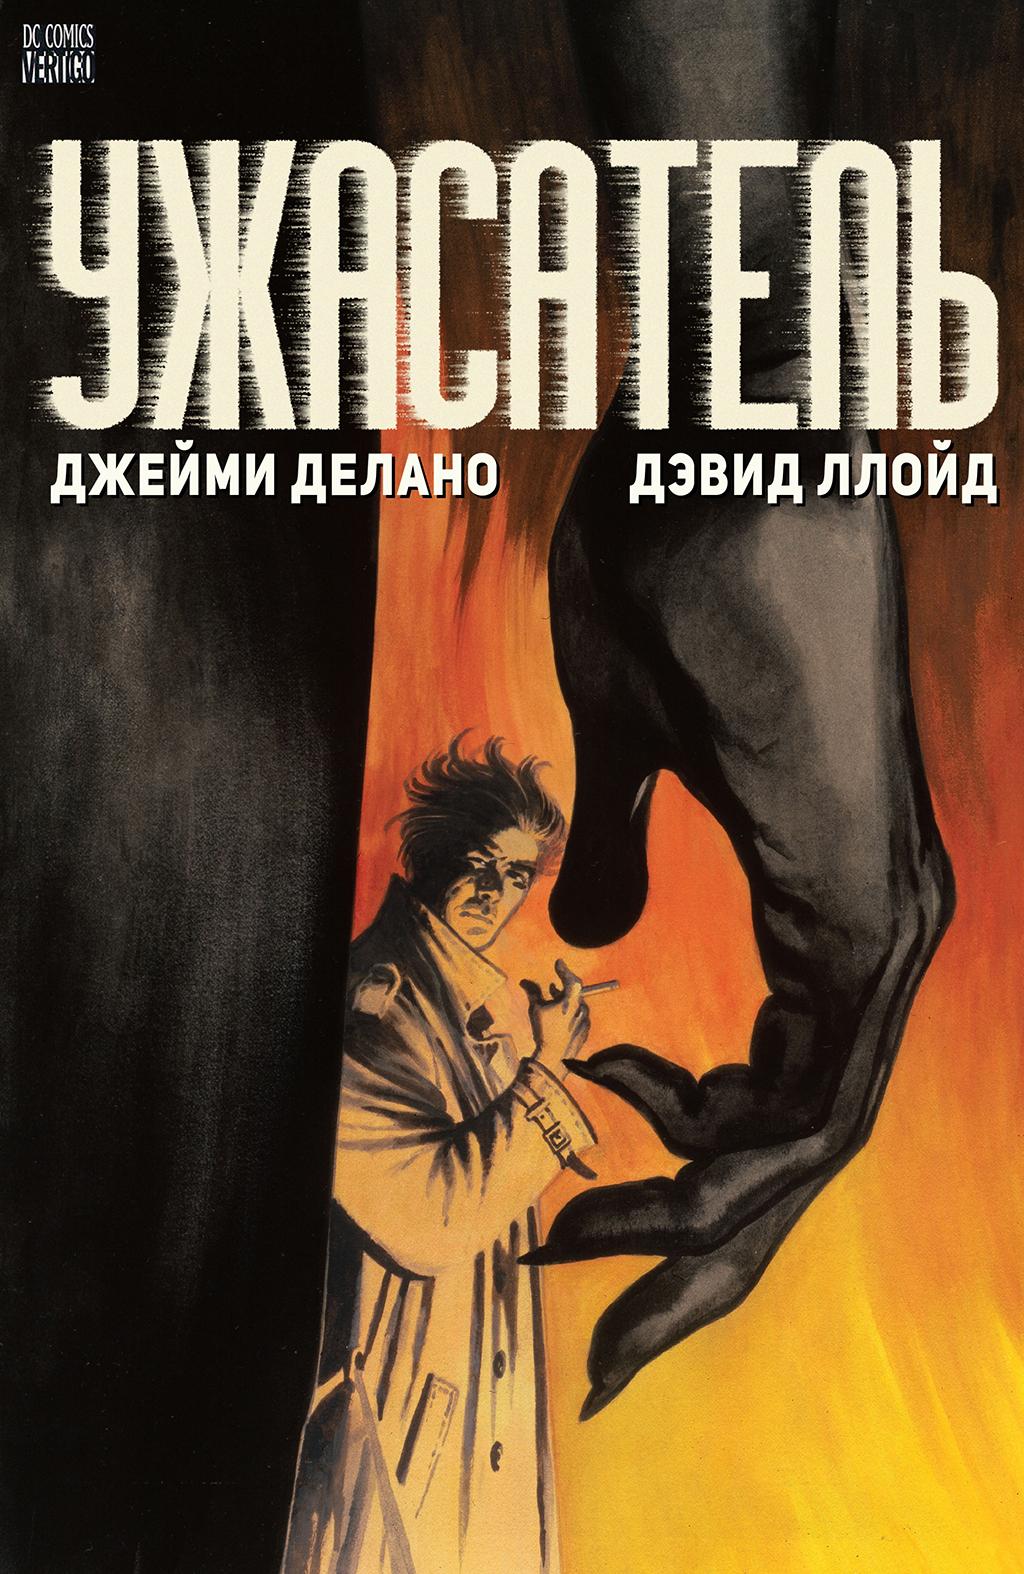 Комикс  Джон Константин - Ужасатель